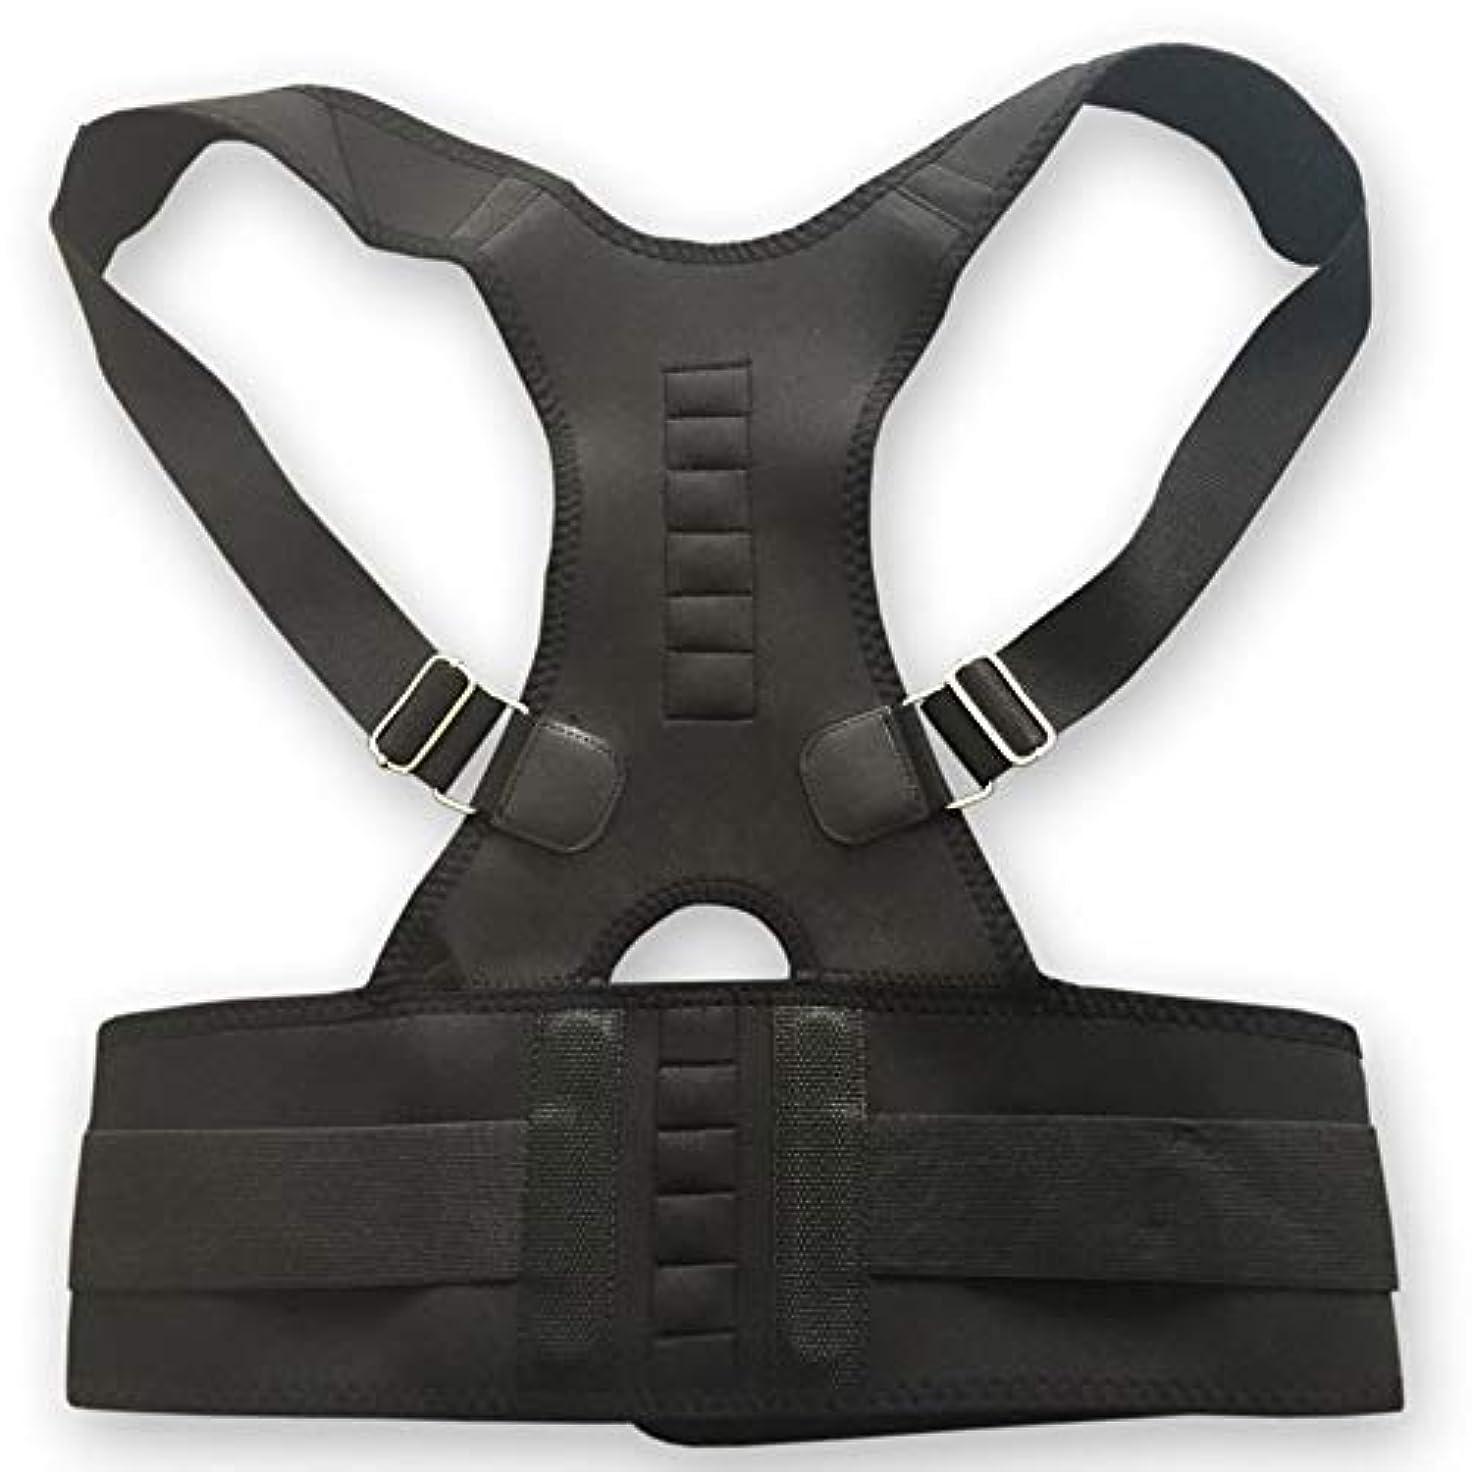 封建ぞっとするようなサラミネオプレン磁気姿勢補正器バッドバック腰椎肩サポート腰痛ブレースバンドベルトユニセックス快適な服装 - ブラック2 XL